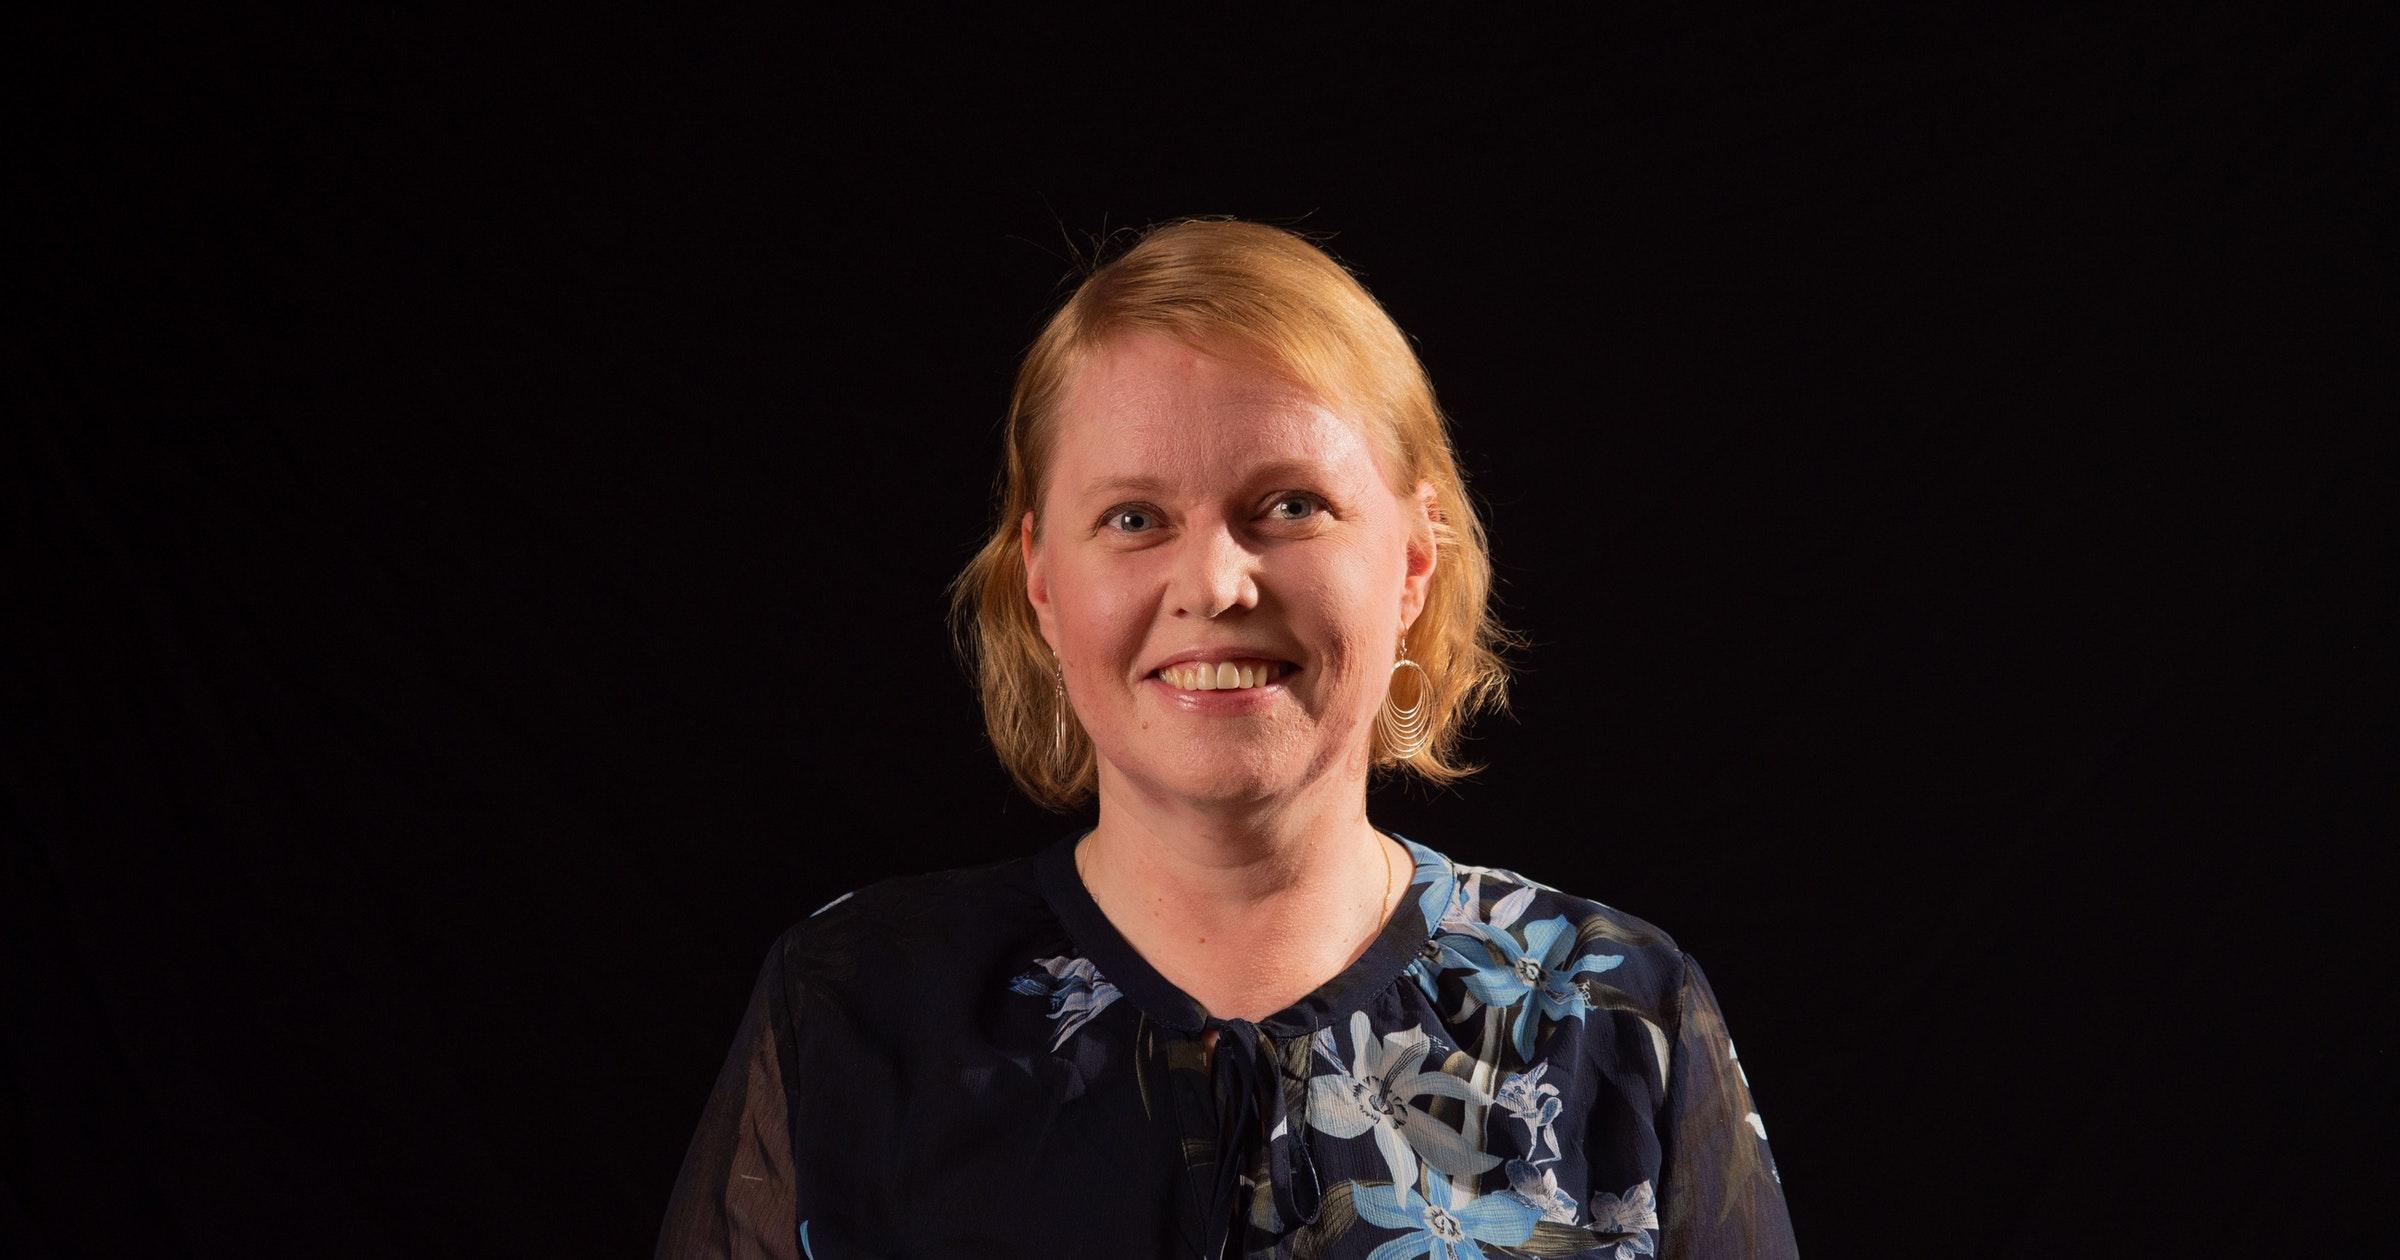 Vuoden rekrytointialan kehittäjä toimi kylmäpäisesti kriisissä – Sanna Järvinen auttoi pelastamaan maatilojen sesongin